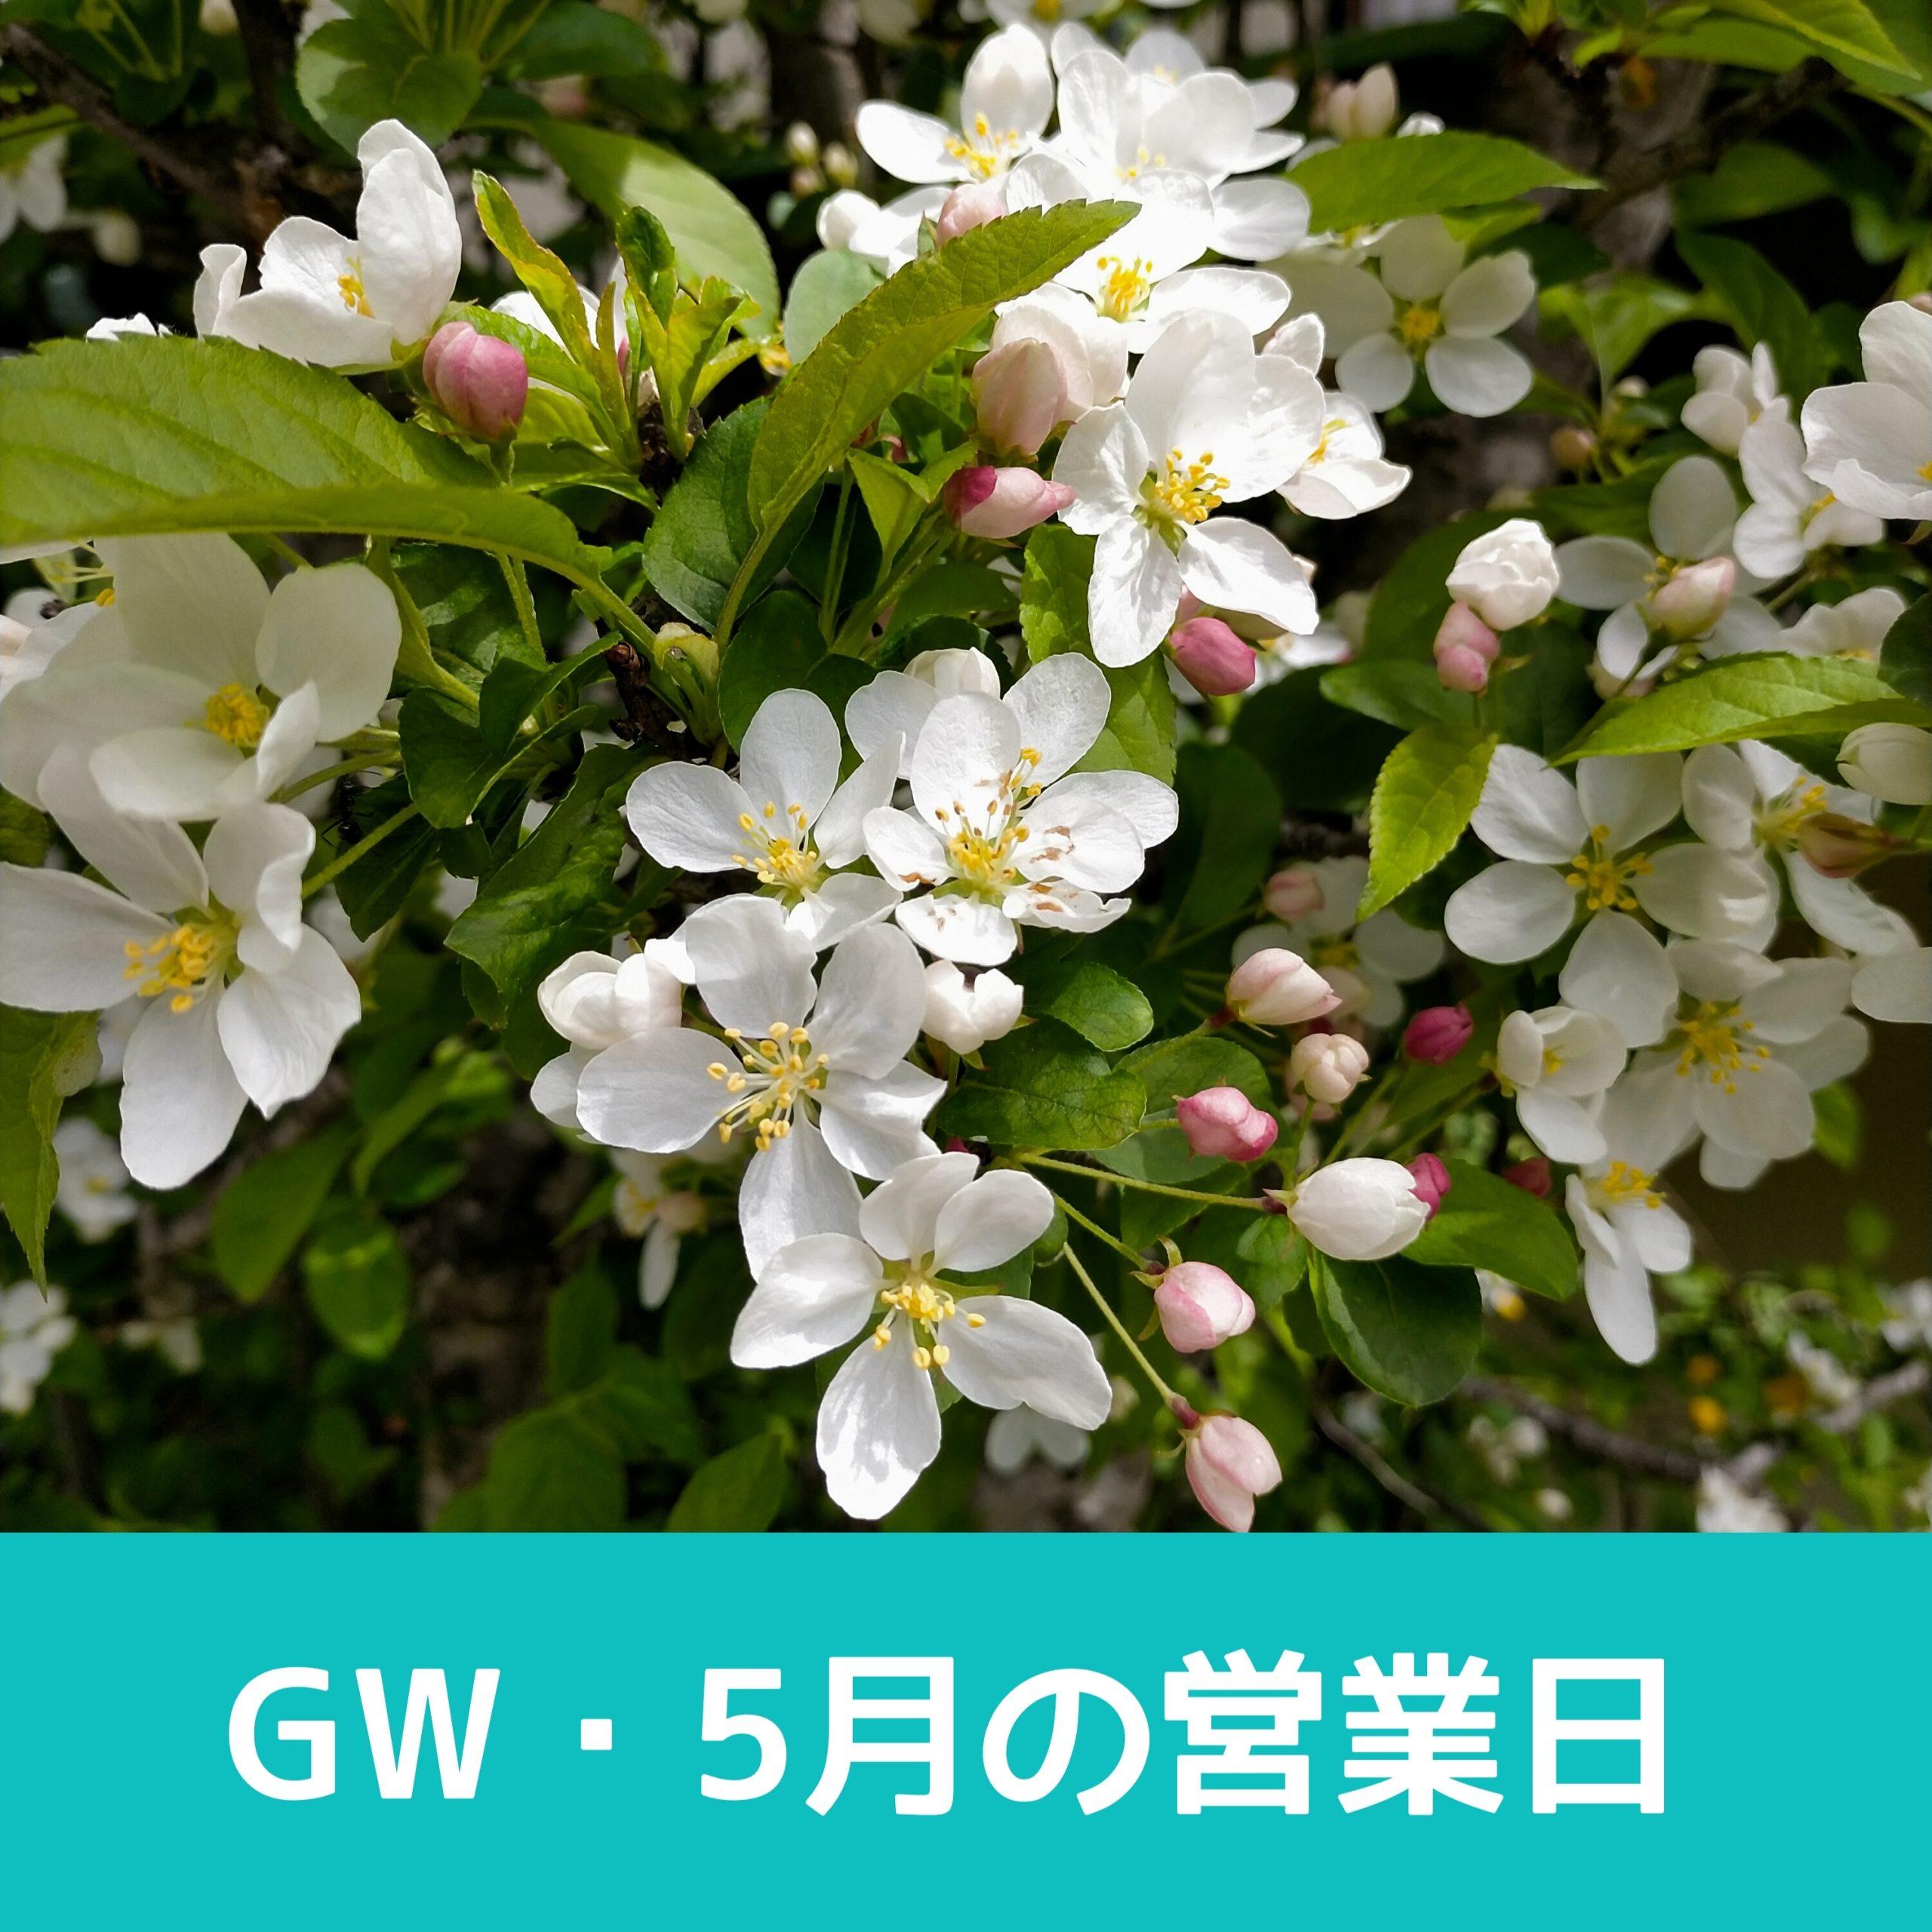 梅ヶ島温泉 湯の華 2021年5月の営業日